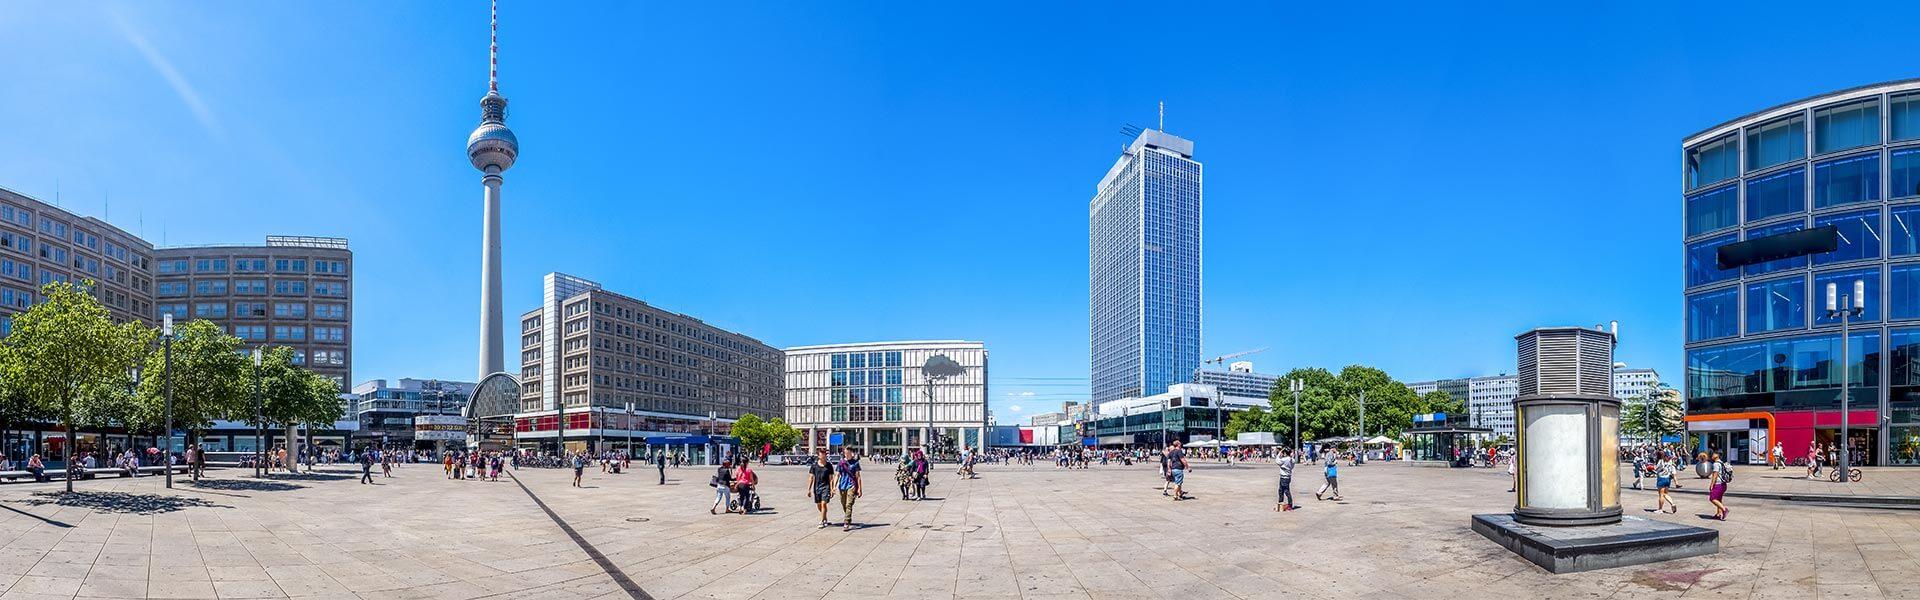 Skyline view of Alexanderplatz